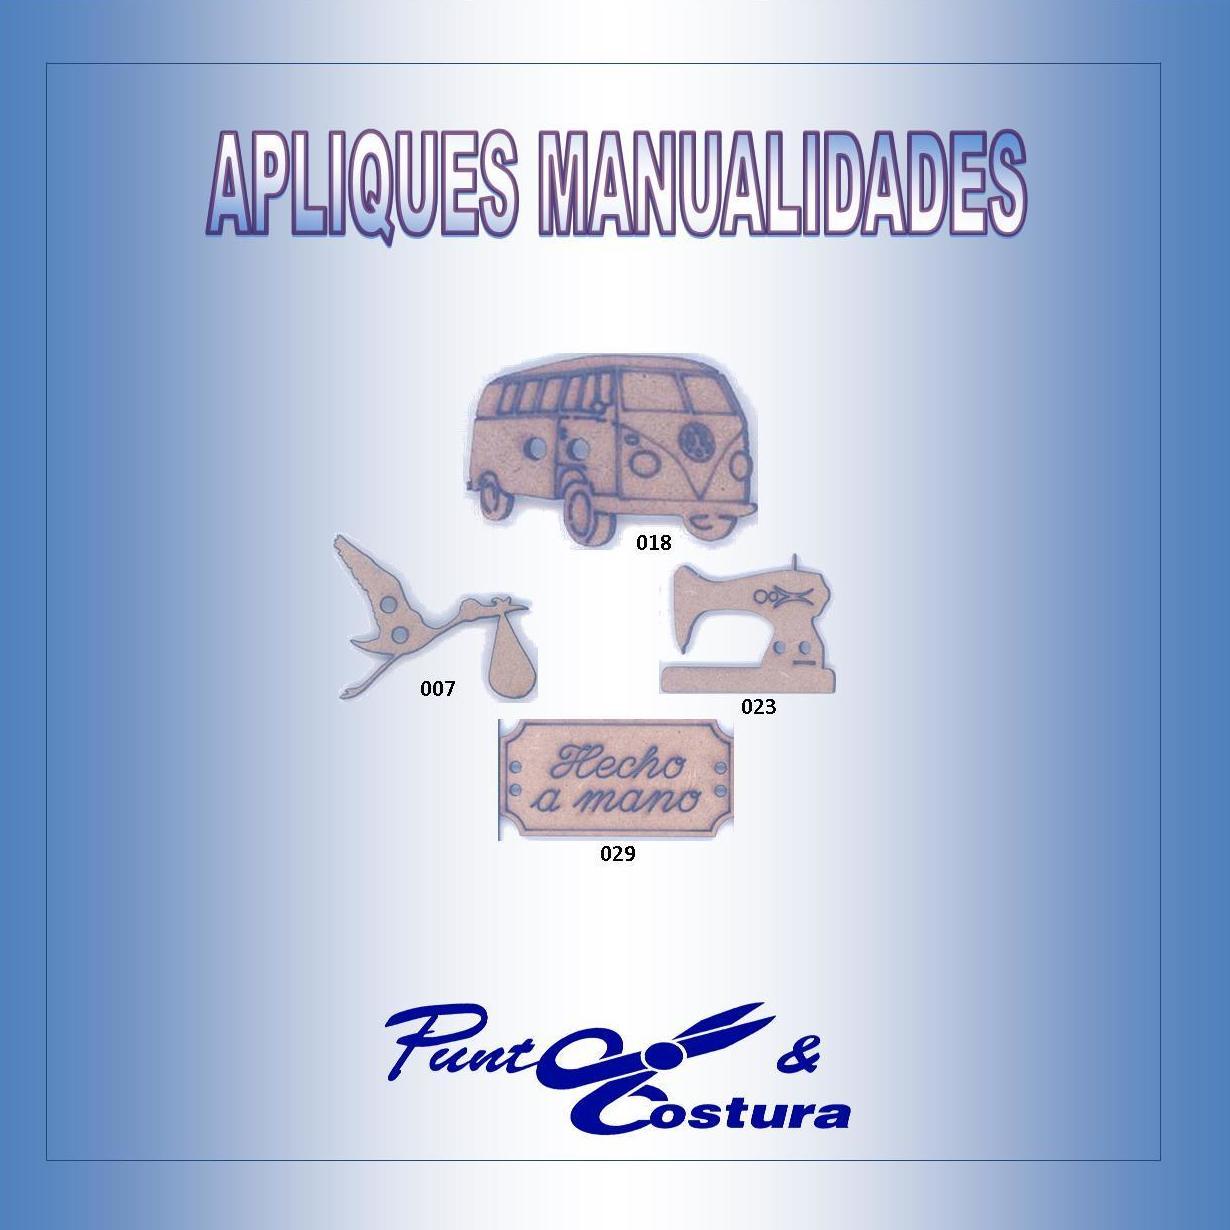 Apliques Manualidades: Catálogo de Punto & Costura